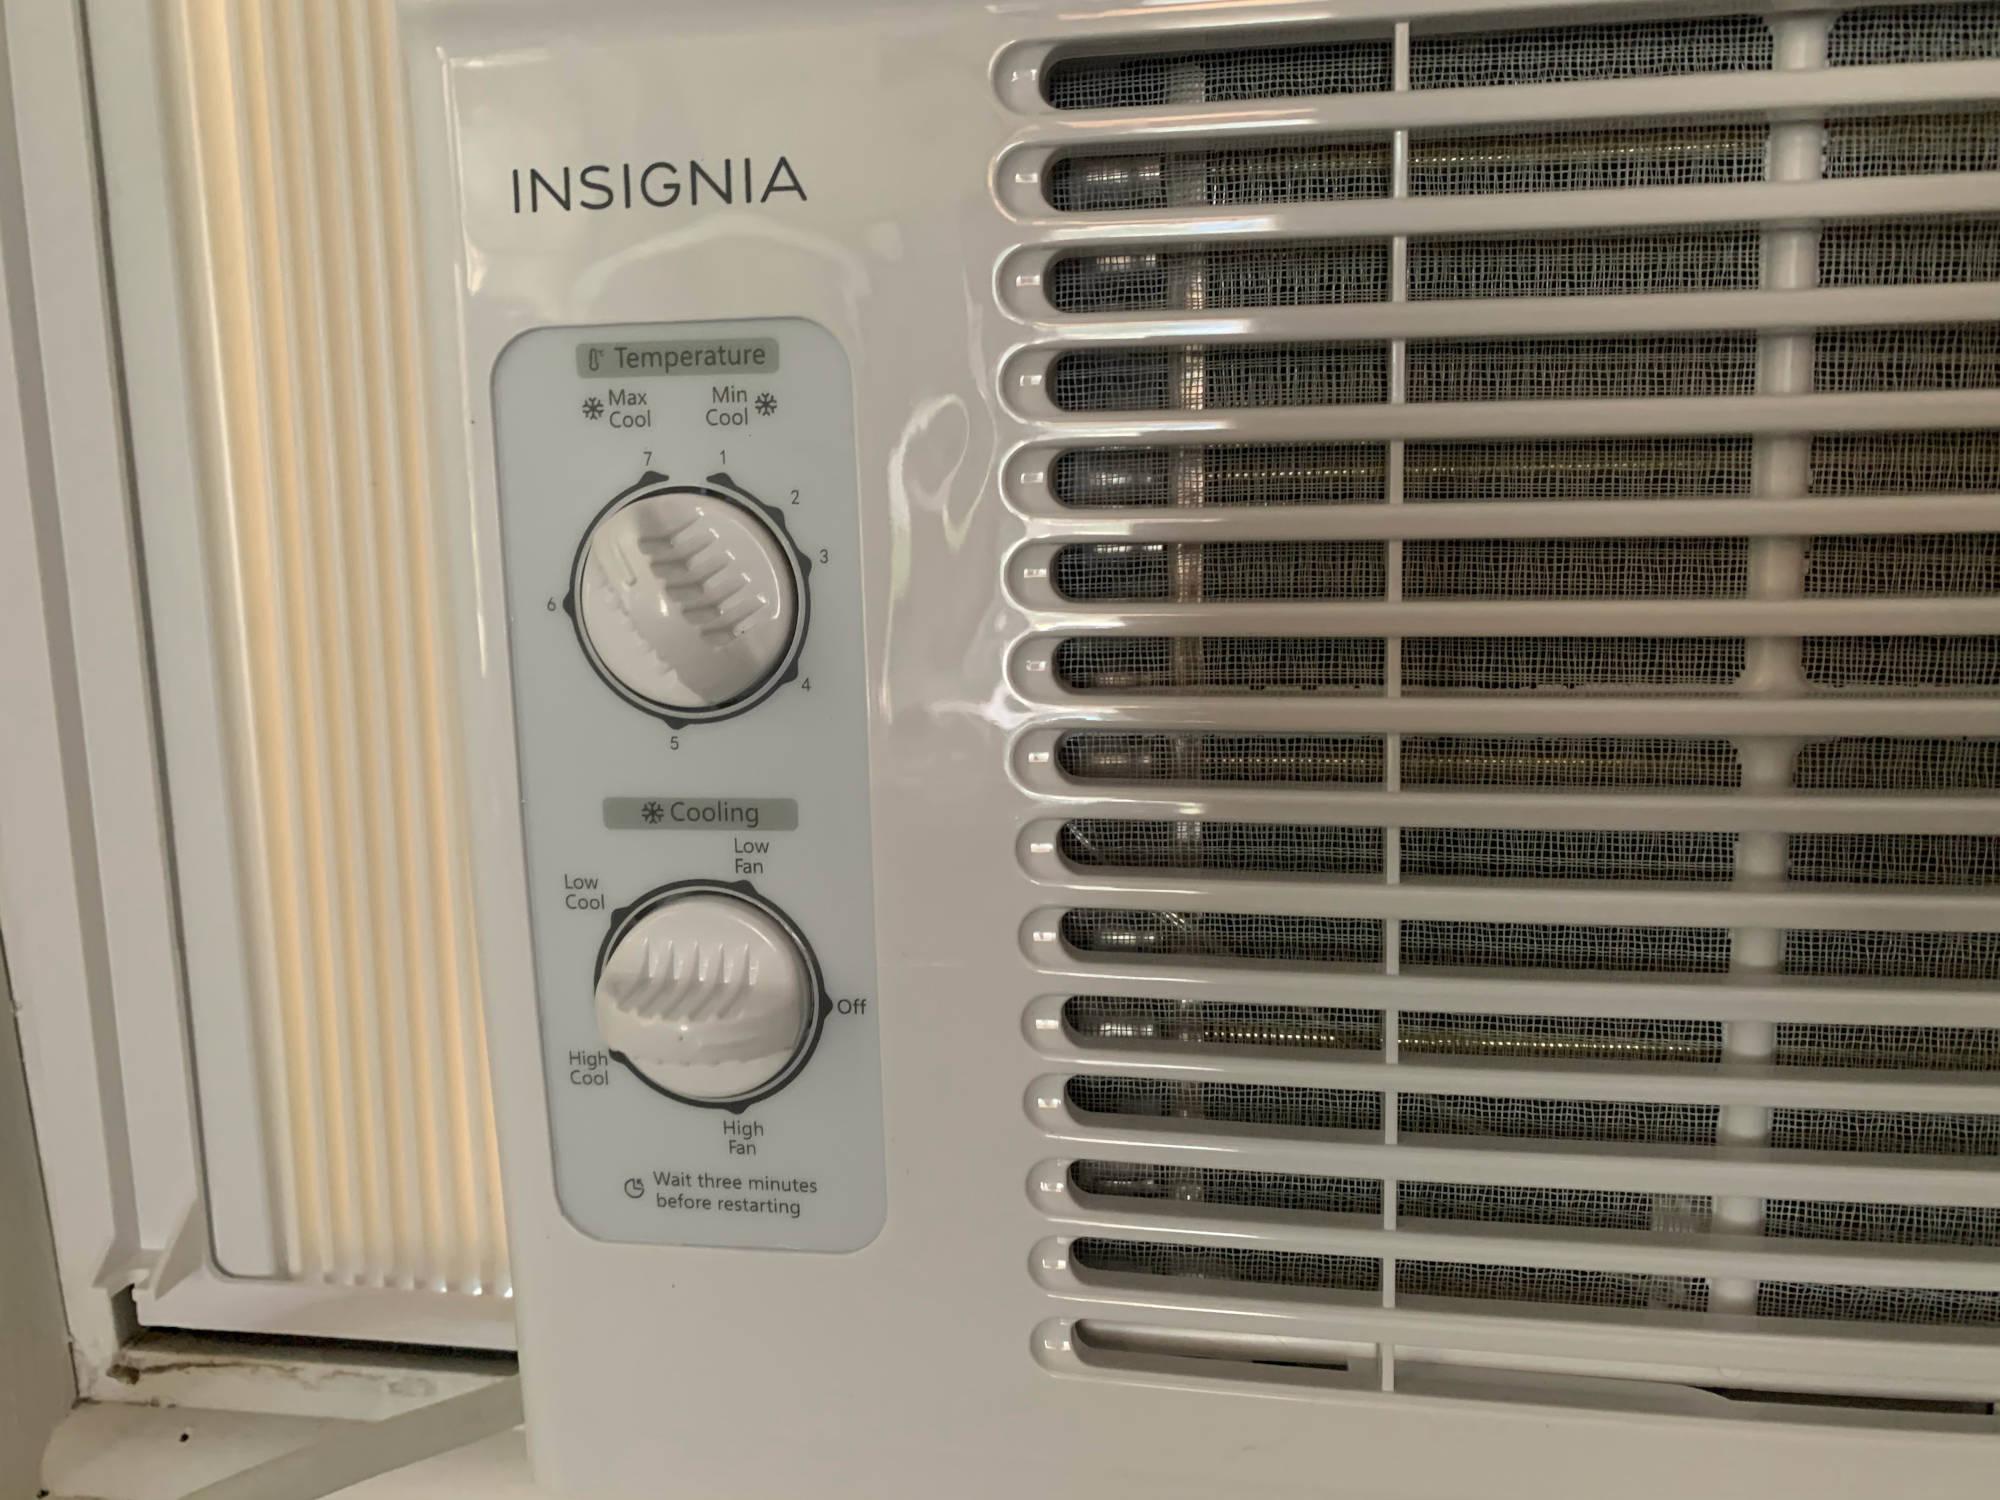 Insignia 5000 Air Conditioner Controls